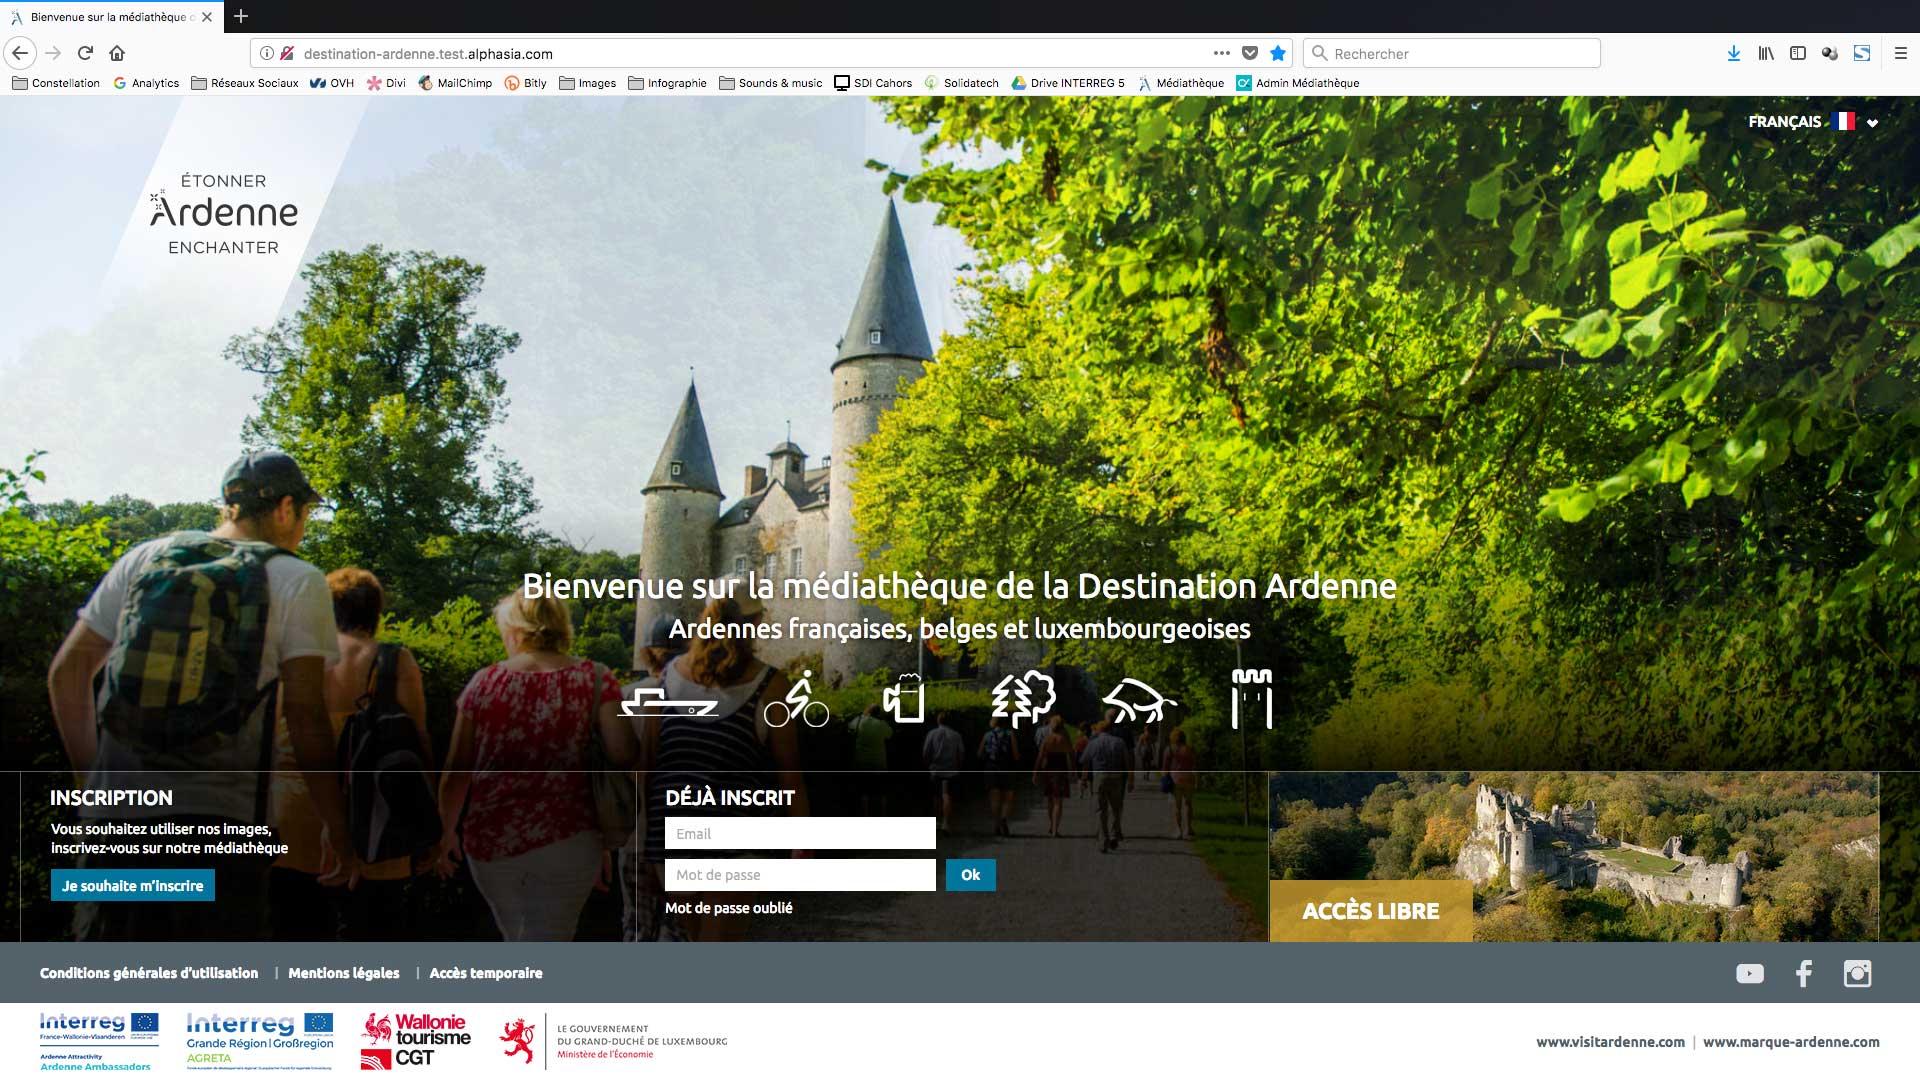 Nouveaux outils marque Ardenne, la médiathèque